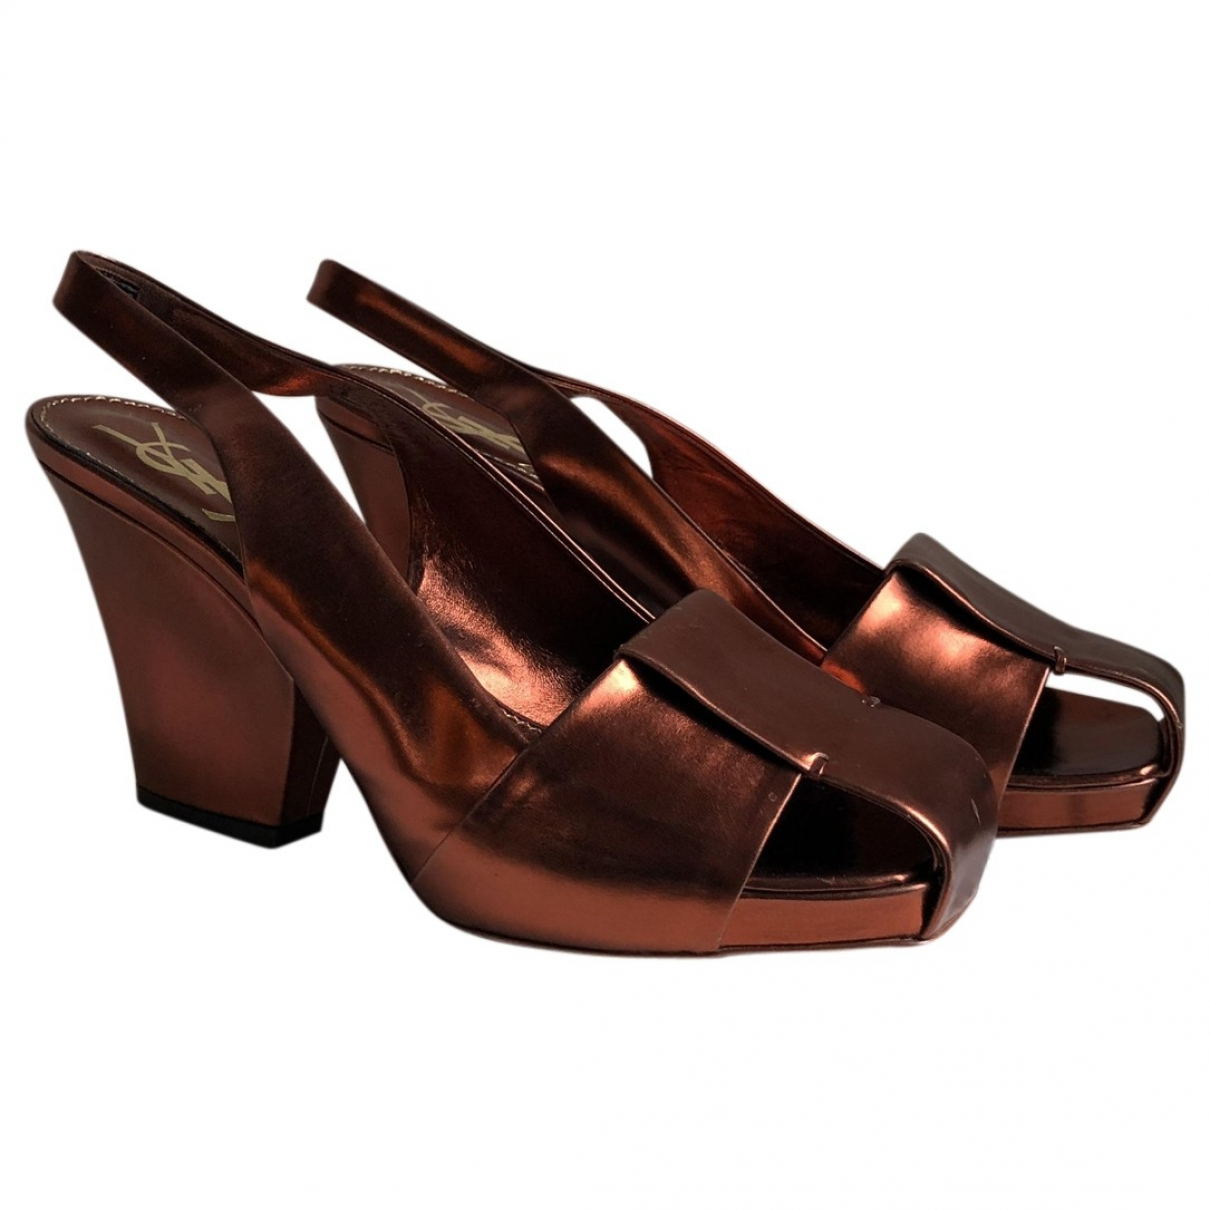 Yves Saint Laurent - Escarpins   pour femme en cuir verni - metallise